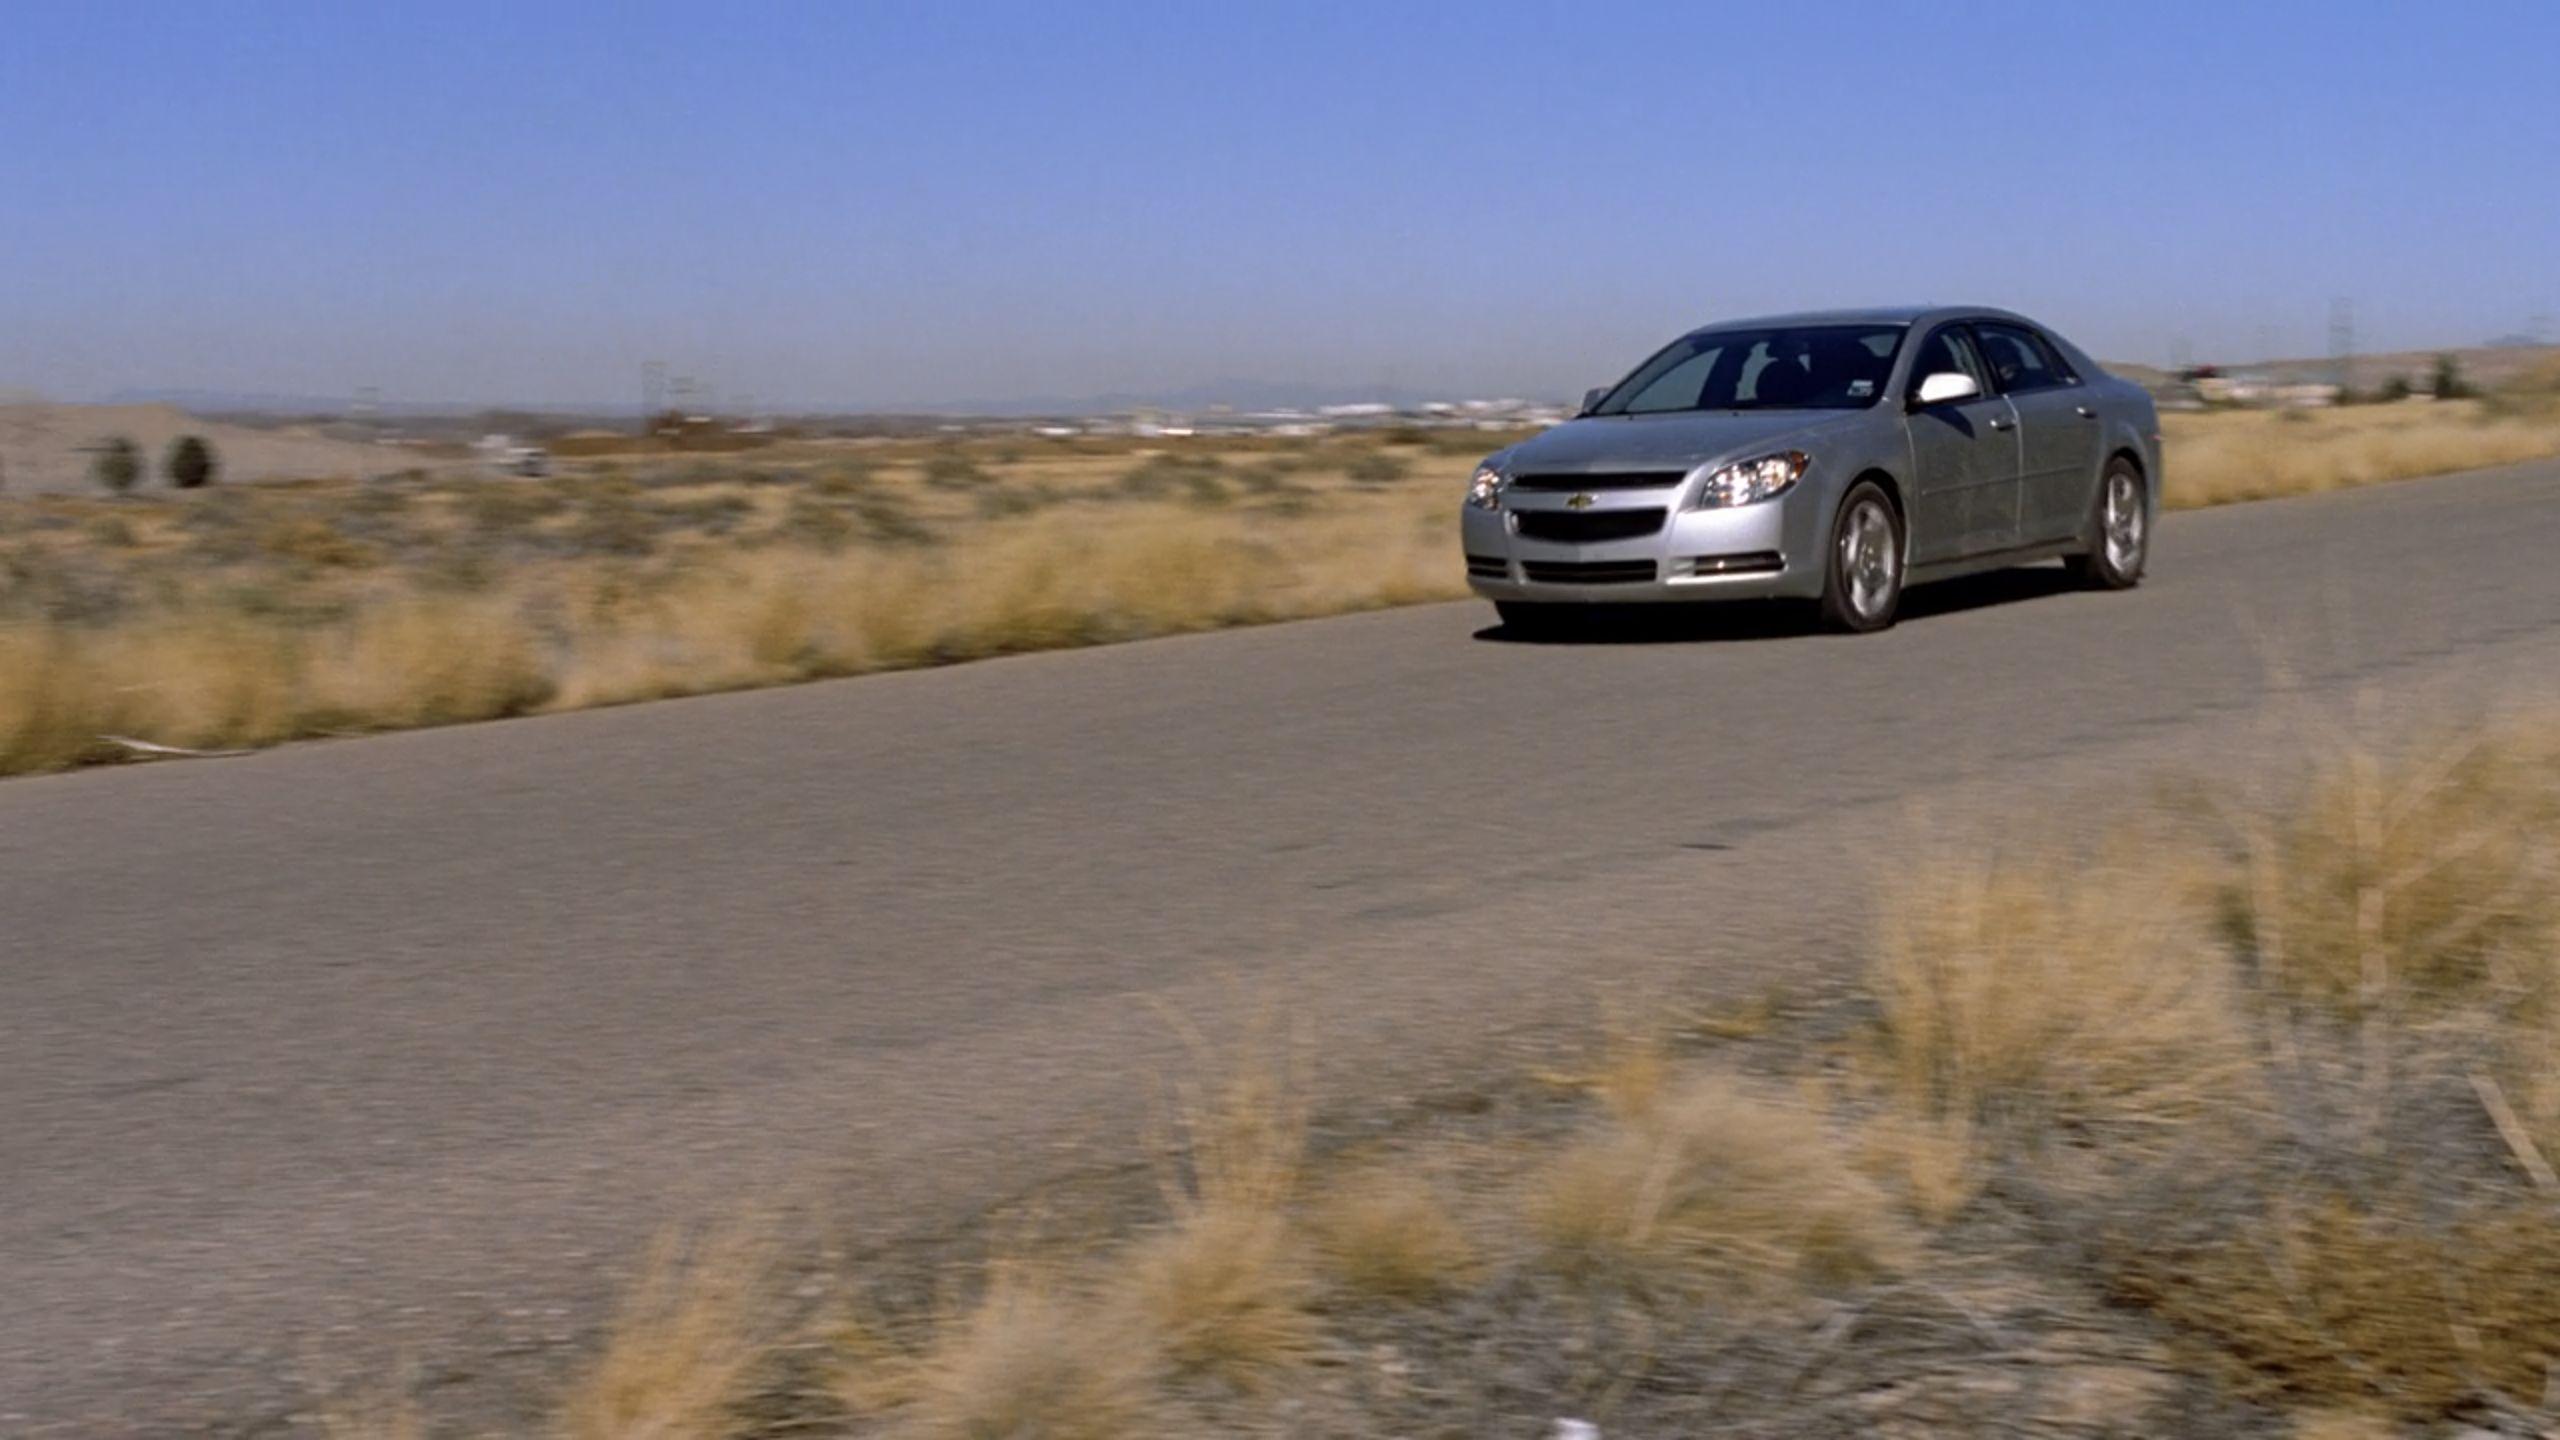 2010 Chevrolet Malibu.jpg